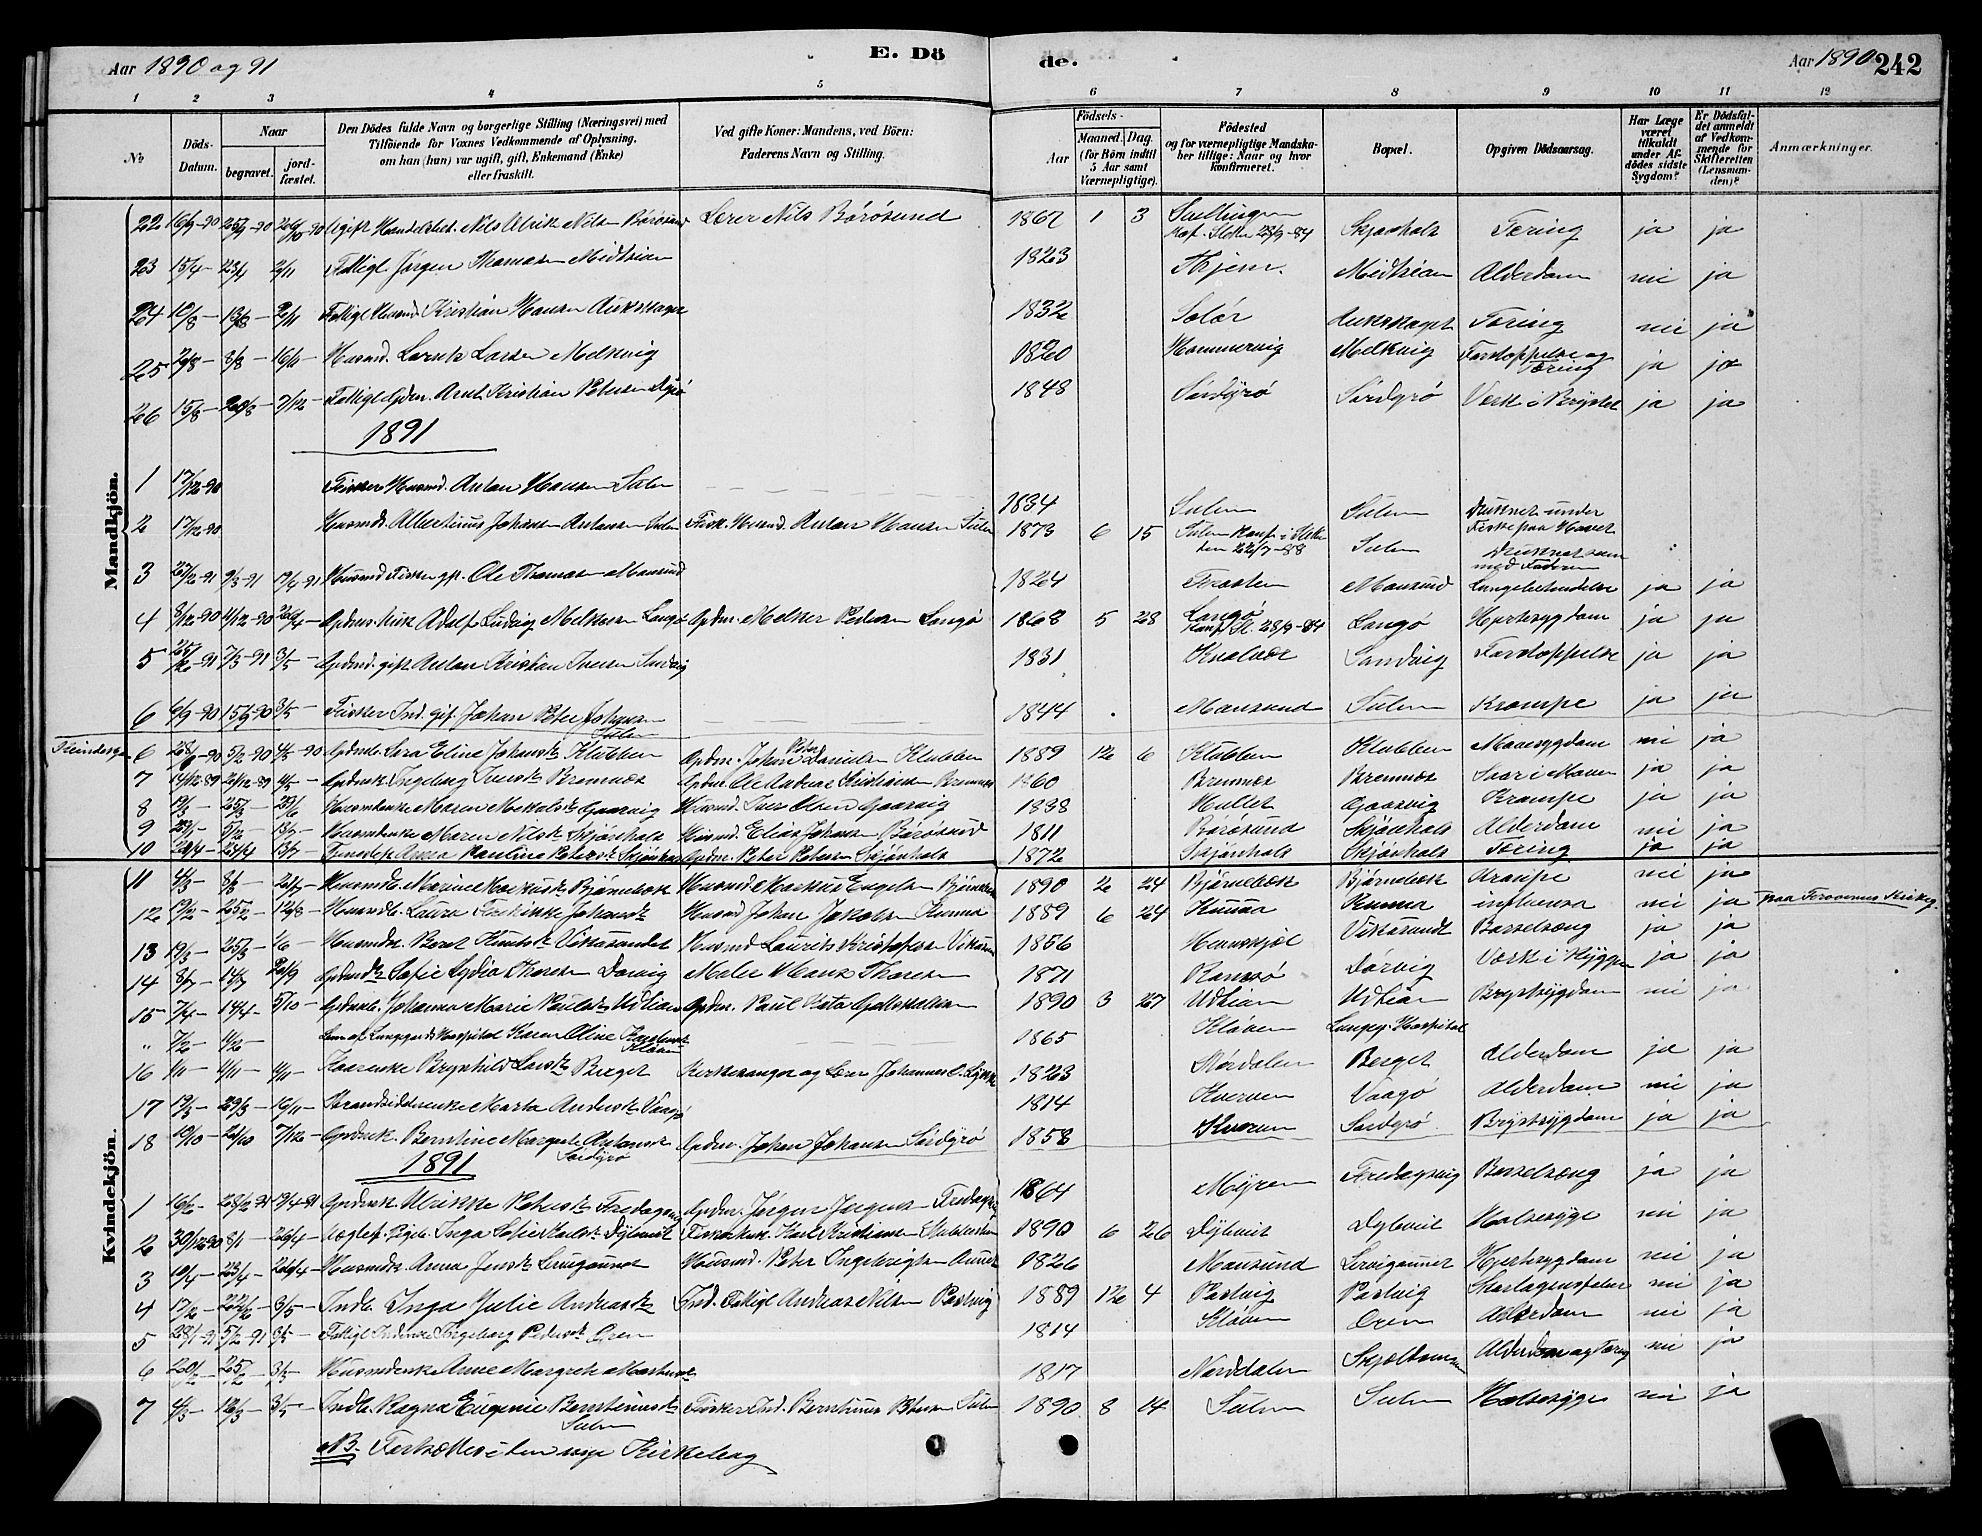 SAT, Ministerialprotokoller, klokkerbøker og fødselsregistre - Sør-Trøndelag, 640/L0585: Klokkerbok nr. 640C03, 1878-1891, s. 242